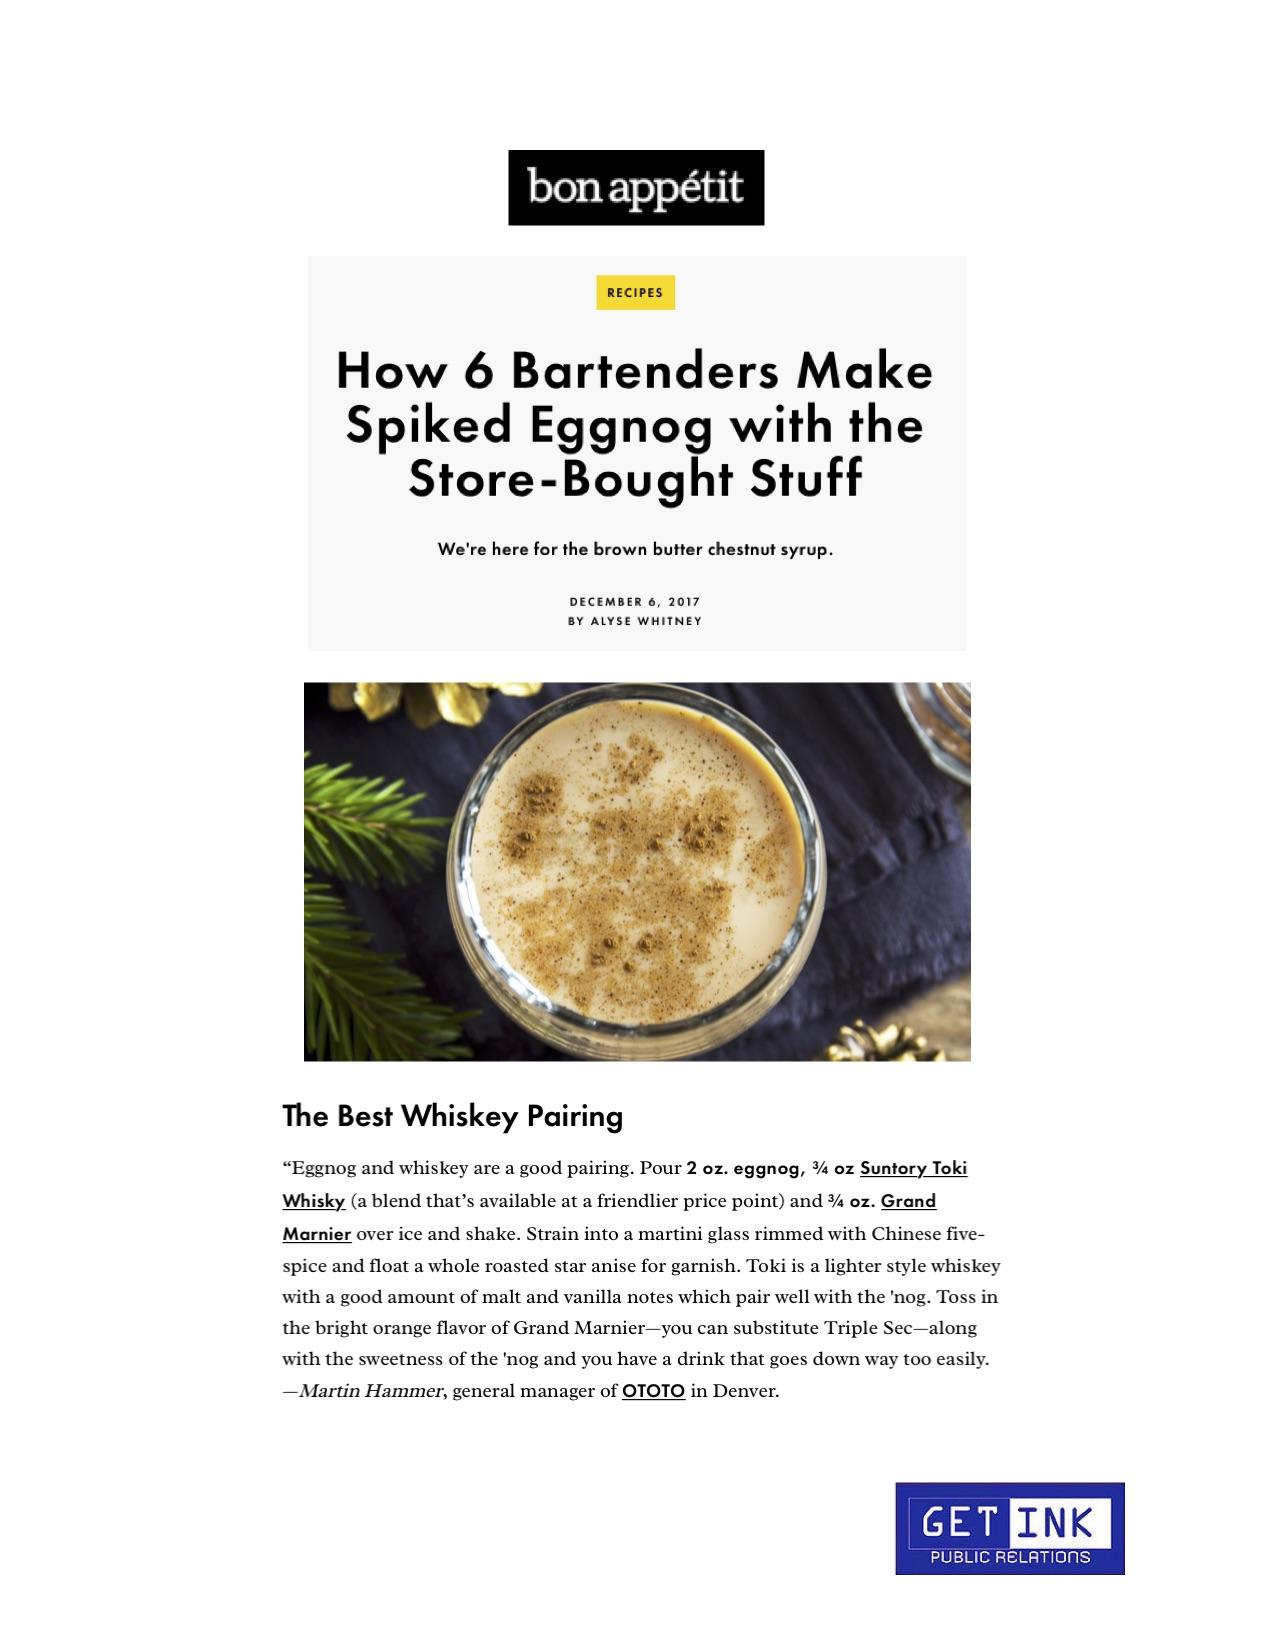 Ototo Den Denver Eggnog Bon Appetit Magazine - Get Ink Pr